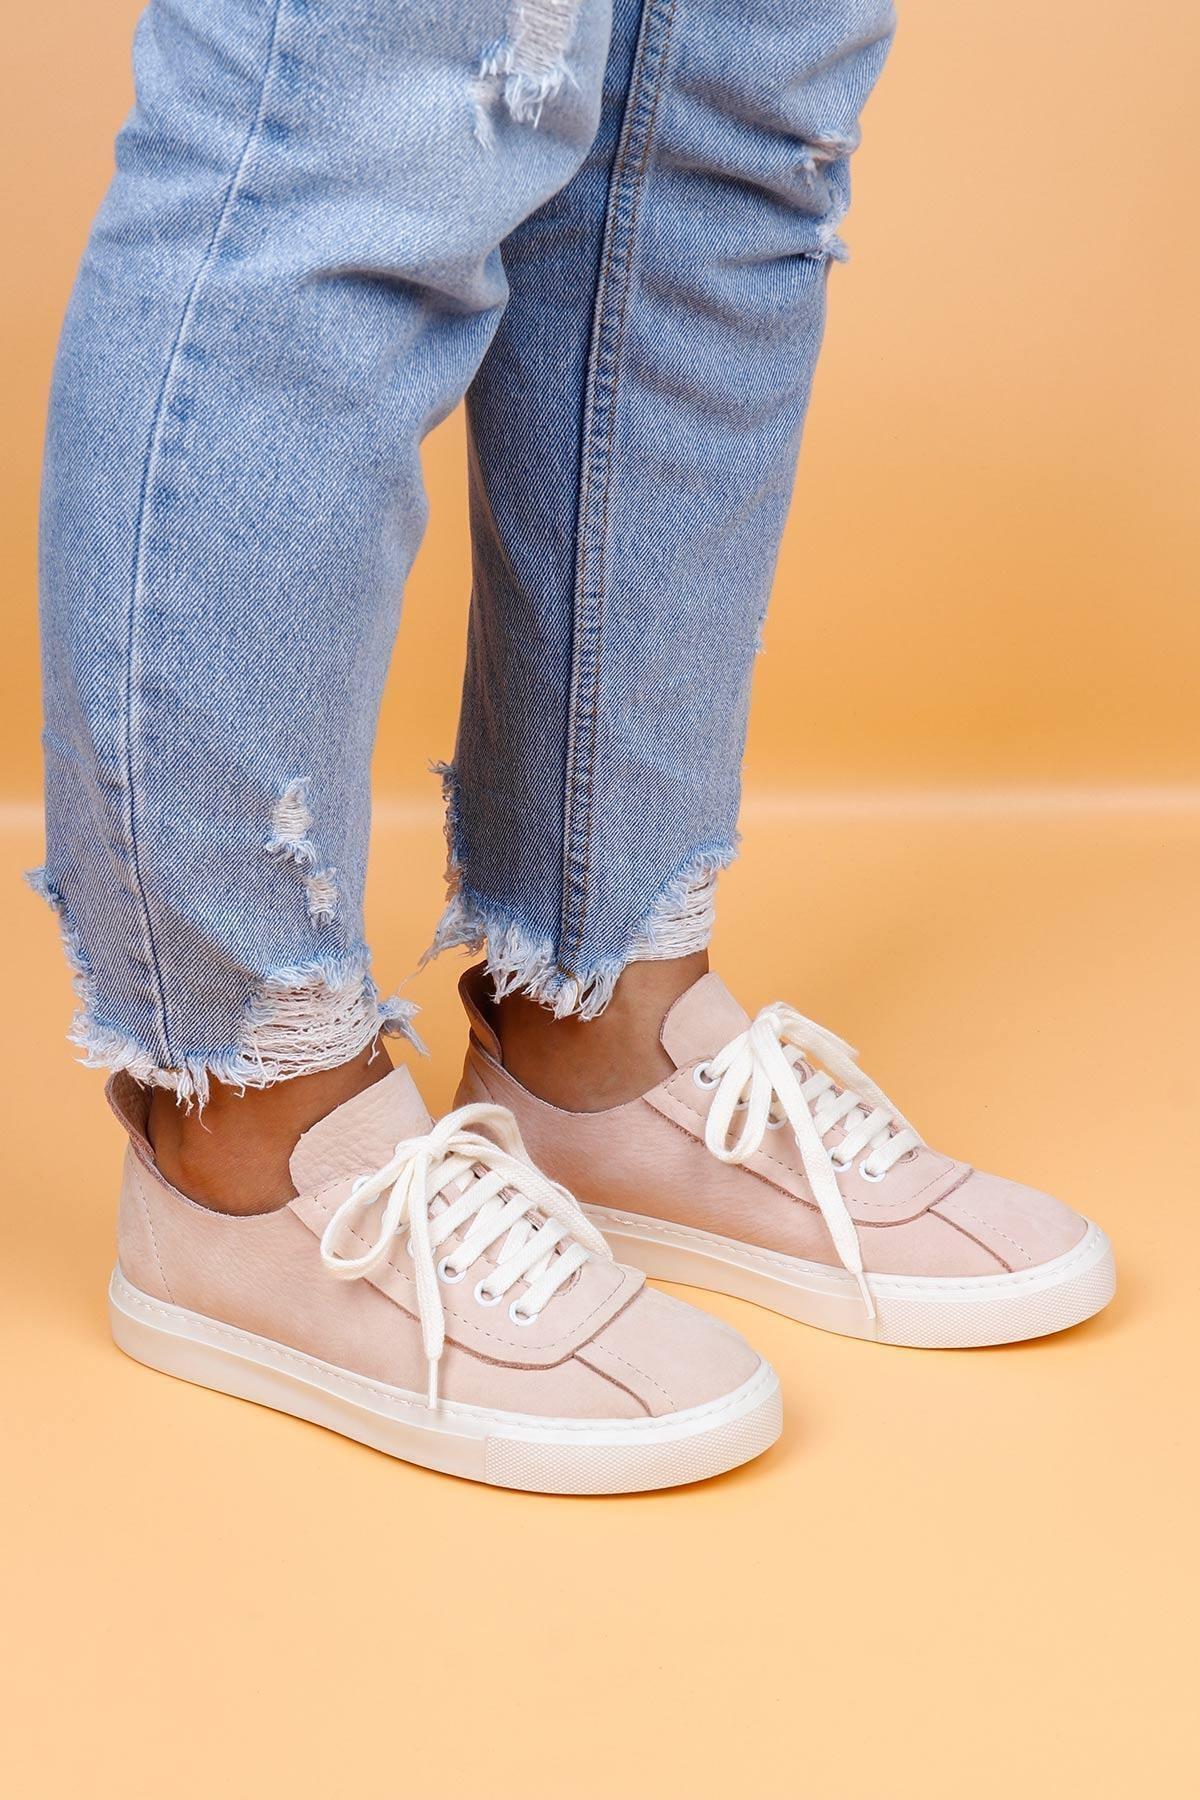 BUENO Shoes Hakiki Deri Bağcık Detaylı Kadın Spor Ayakkabı 20wq4703 1